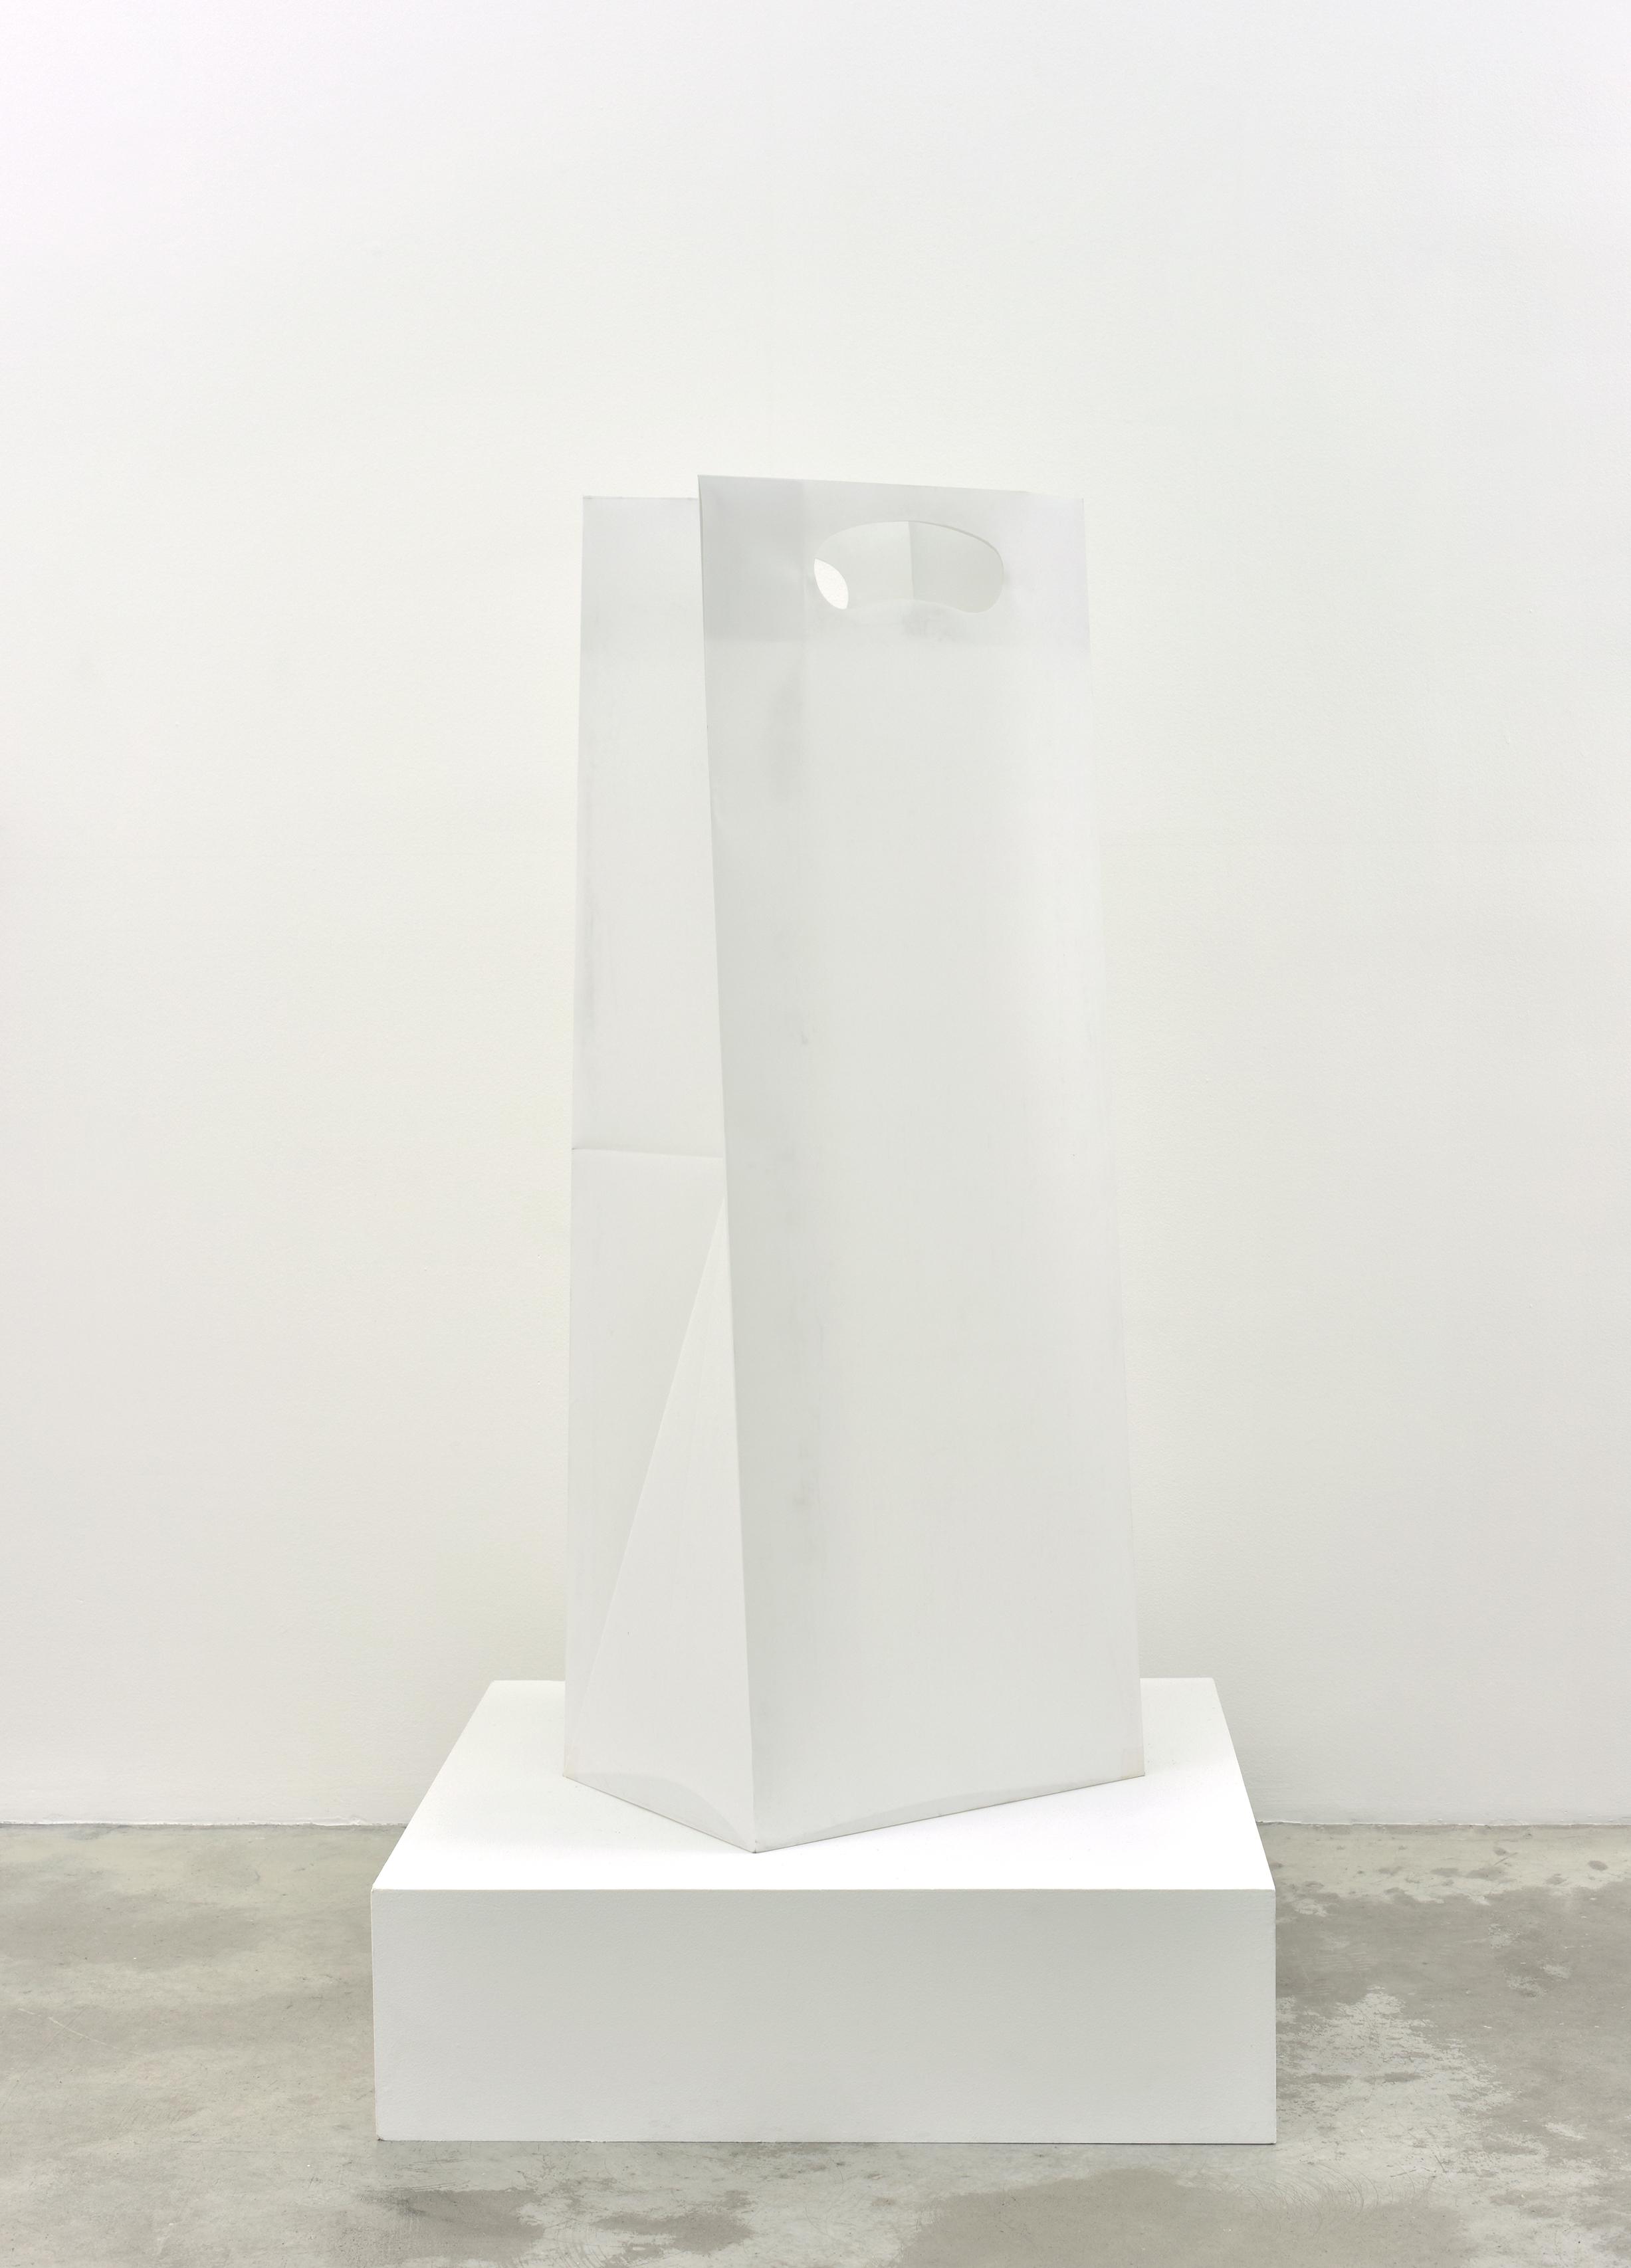 G. Küng Untitled (Shopping Bag), 2014 plastic foil 43 1/2 x 15 11/32 x 9 27/32 in (110,5 x 39 x 25 cm)